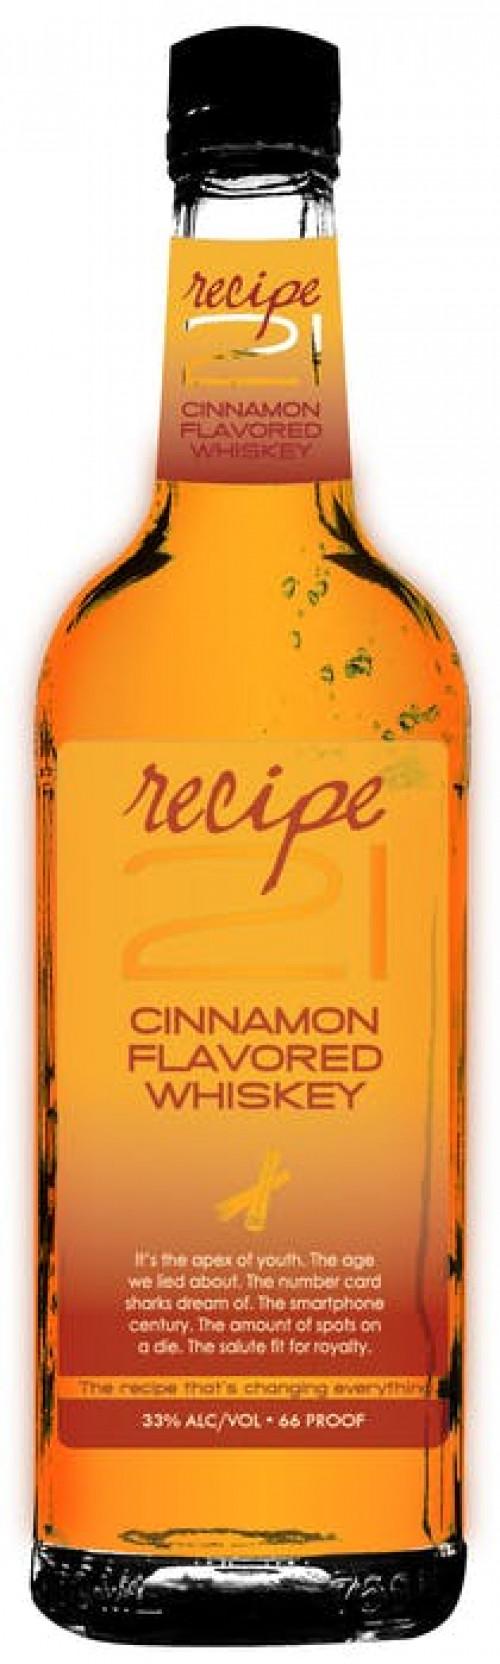 Recipe 21 Cinnamon Flavored Whiskey 1.75L